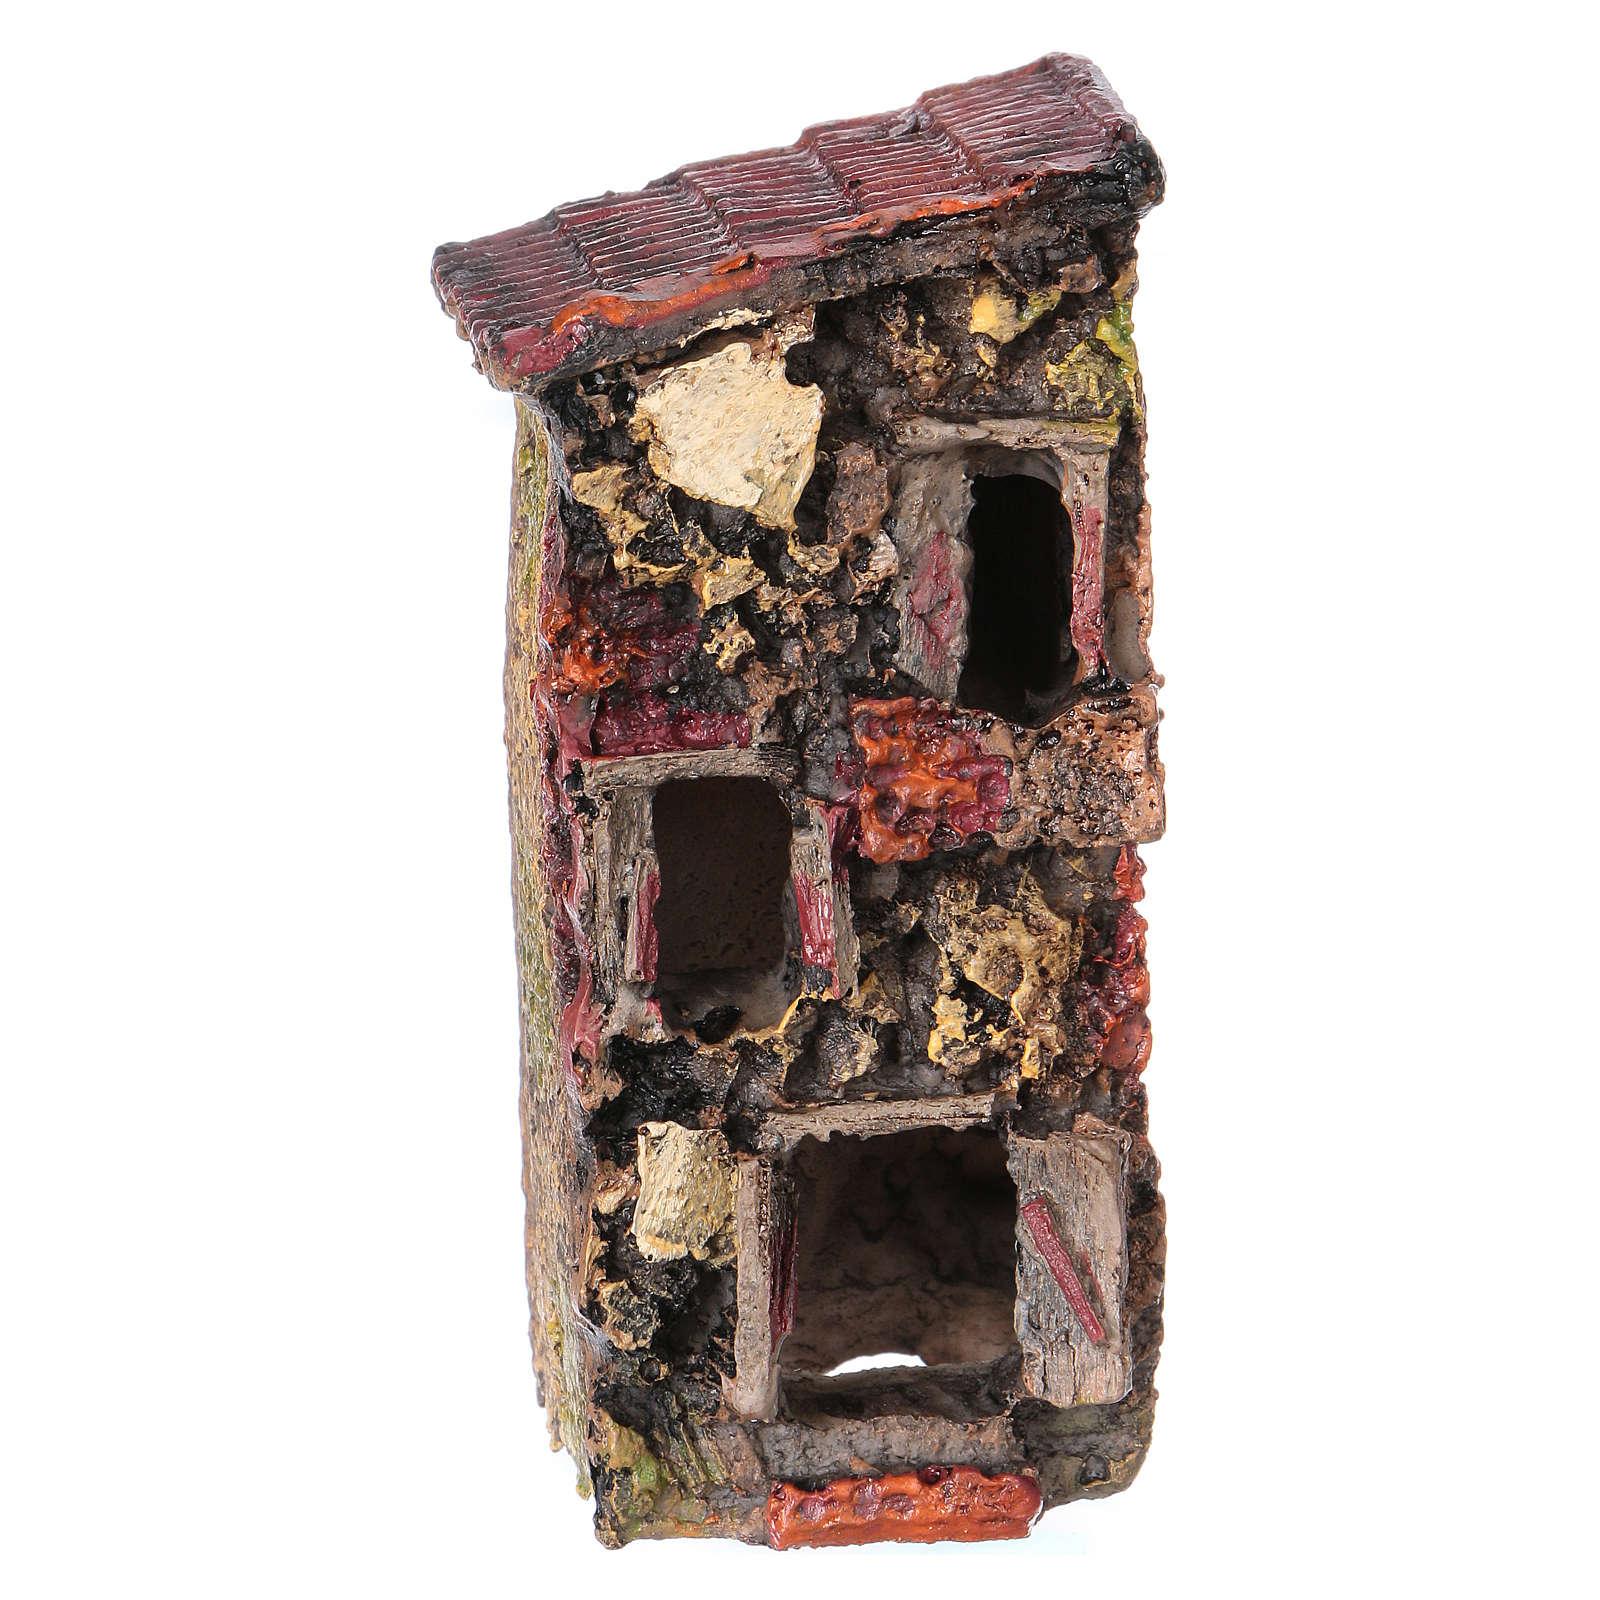 House in resin 5x10x5 cm for Nativity Scene 4